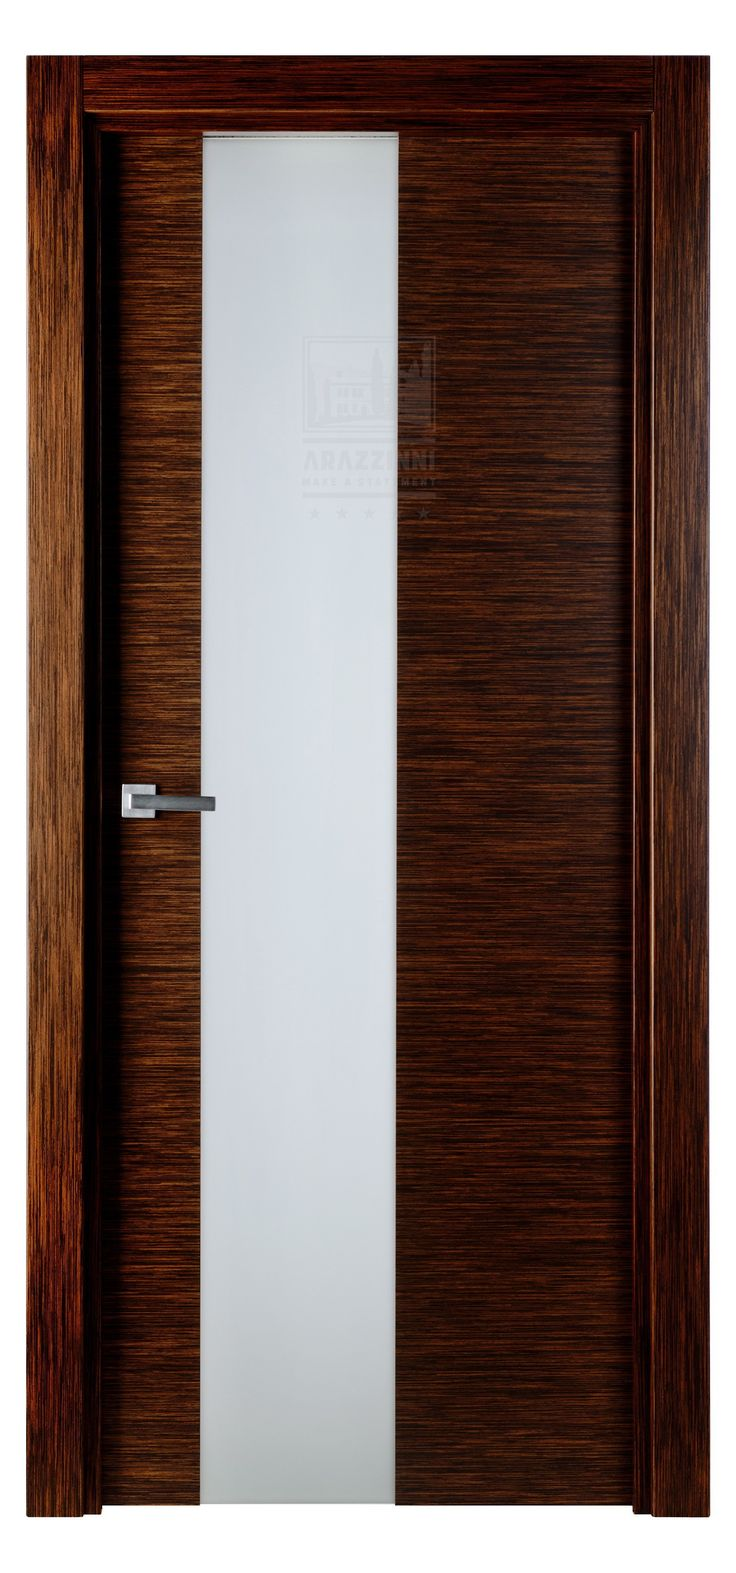 51 best images about exotic wood veneer doors on pinterest for Wood veneer interior doors